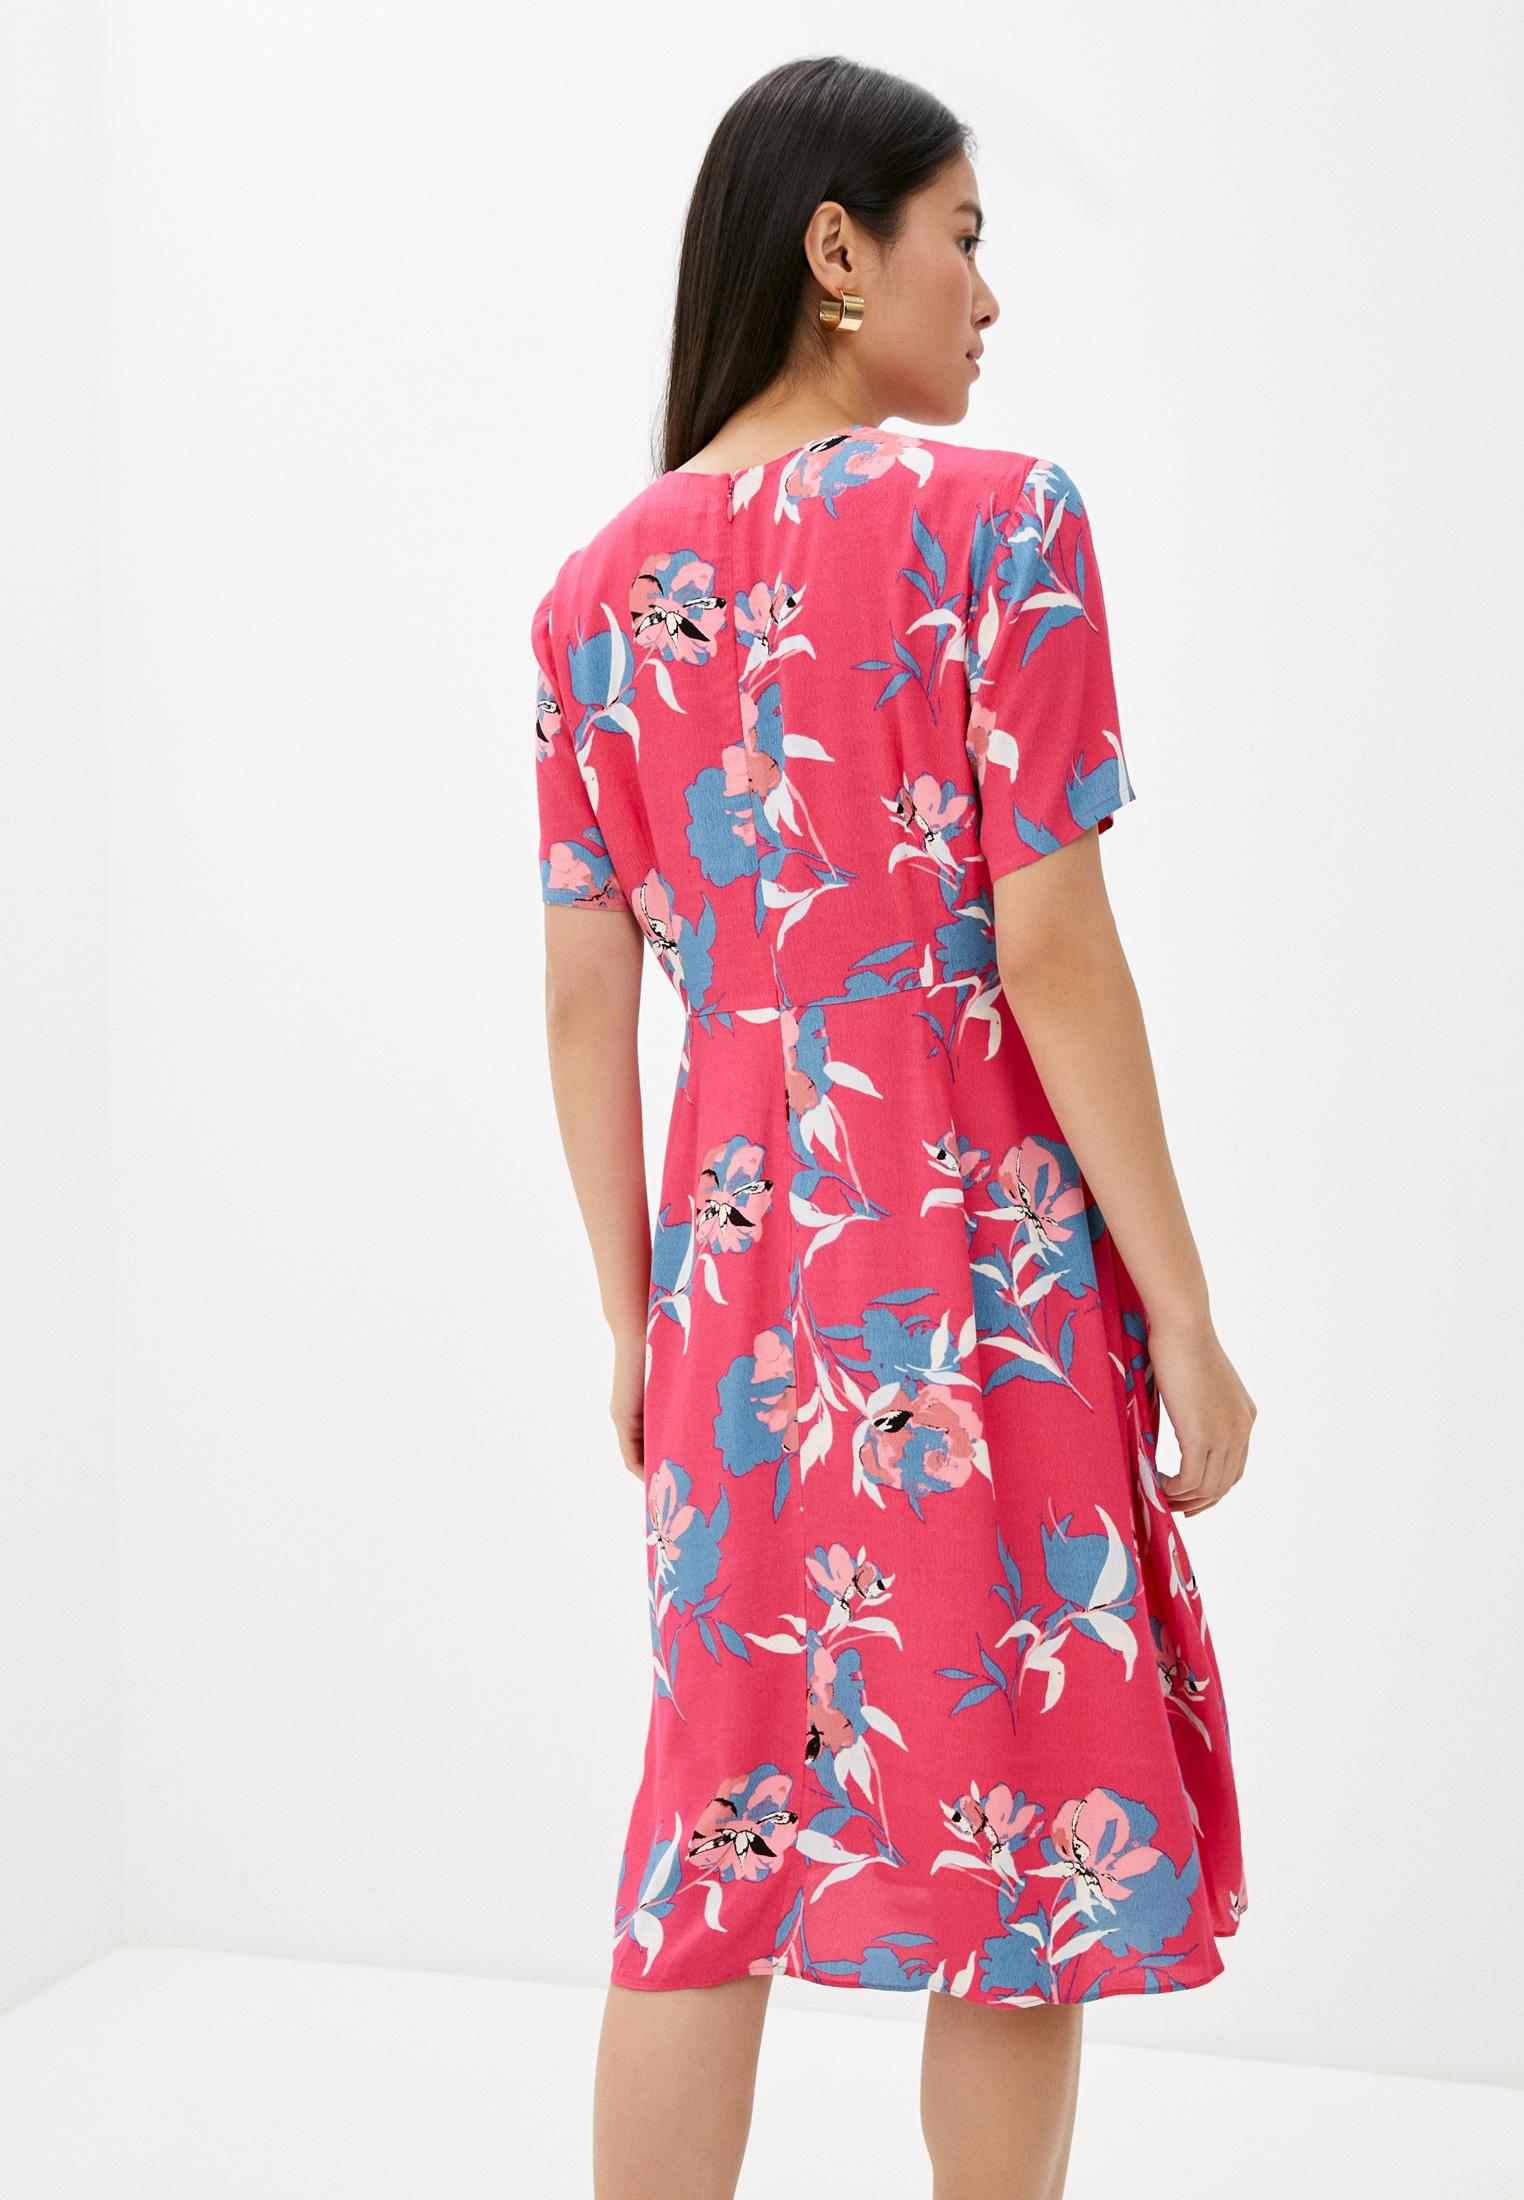 Повседневное платье Calvin Klein (Кельвин Кляйн) K20k201957: изображение 3